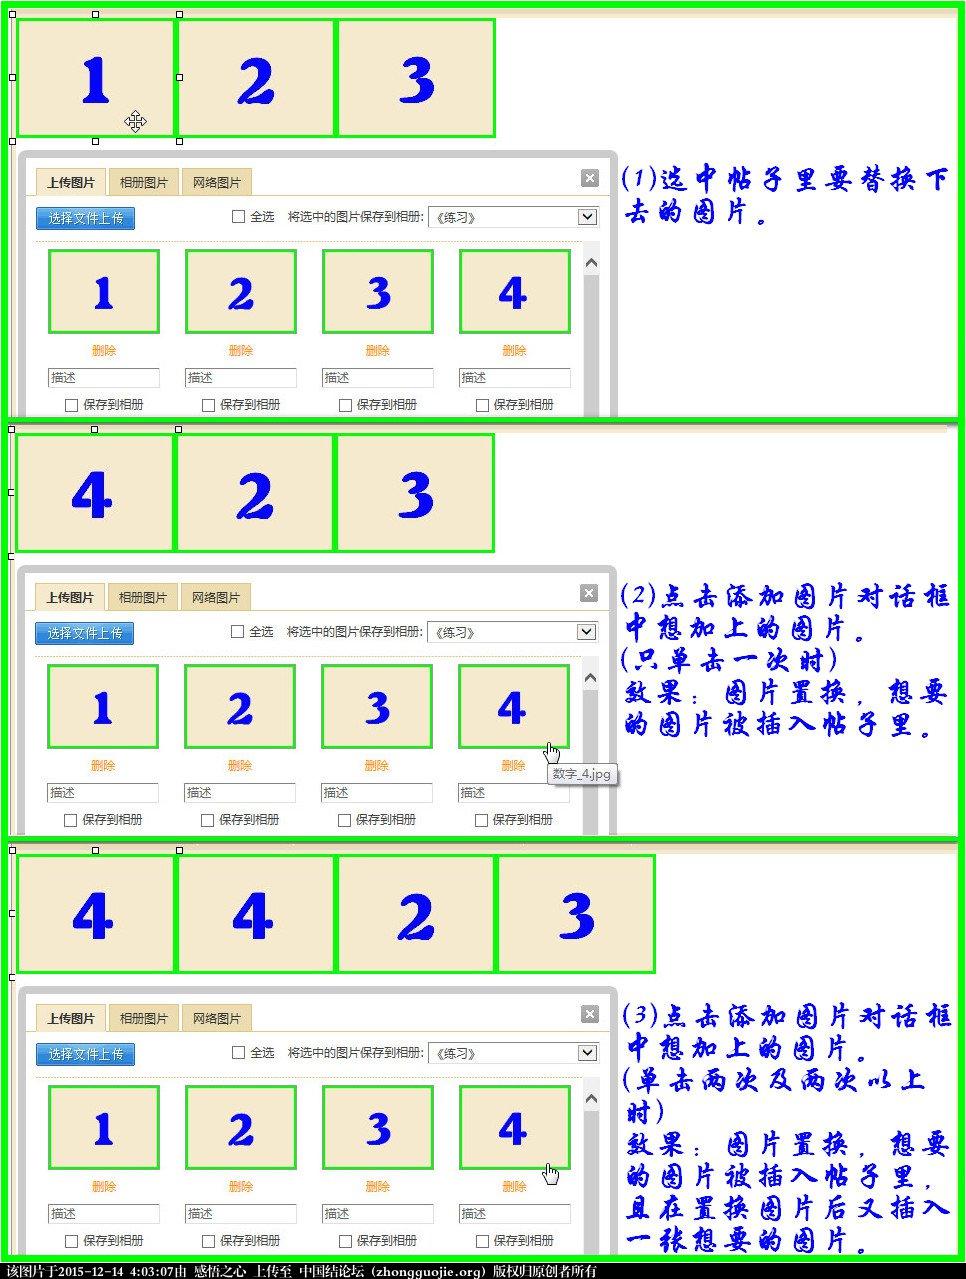 中国结论坛 【操作说明】主题帖子图片编辑操作 图片,主题 论坛使用帮助 033442bm1j663t3mexe6nz